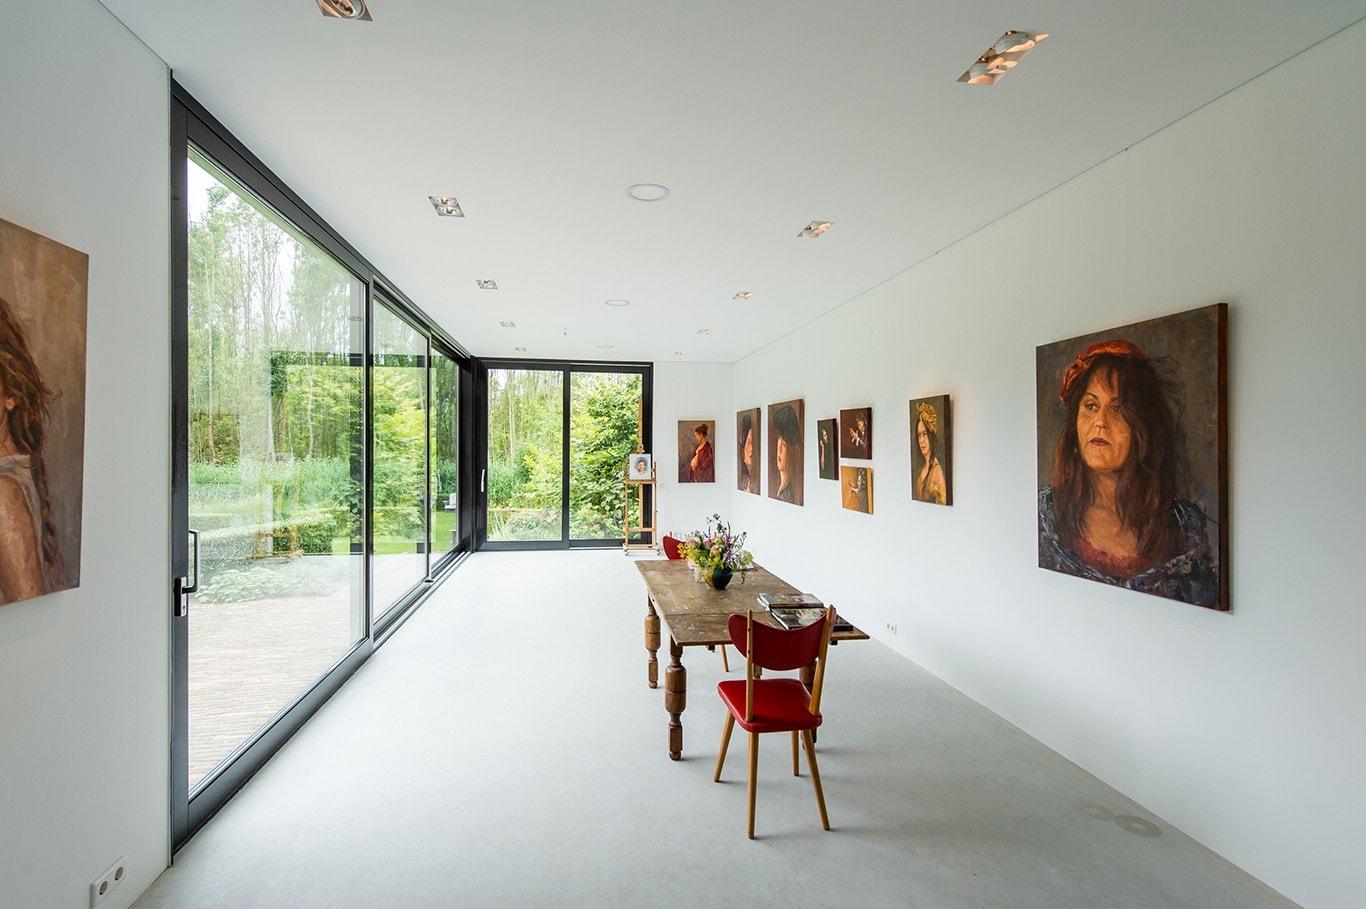 Atelier voor portretschilder in Breda. De lichtgrijze betonvloer is nu nog lekker schoon, maar na verloop van tijd zal deze langzaam en lichtjes het kleurenpallet van Mieke overnemen.